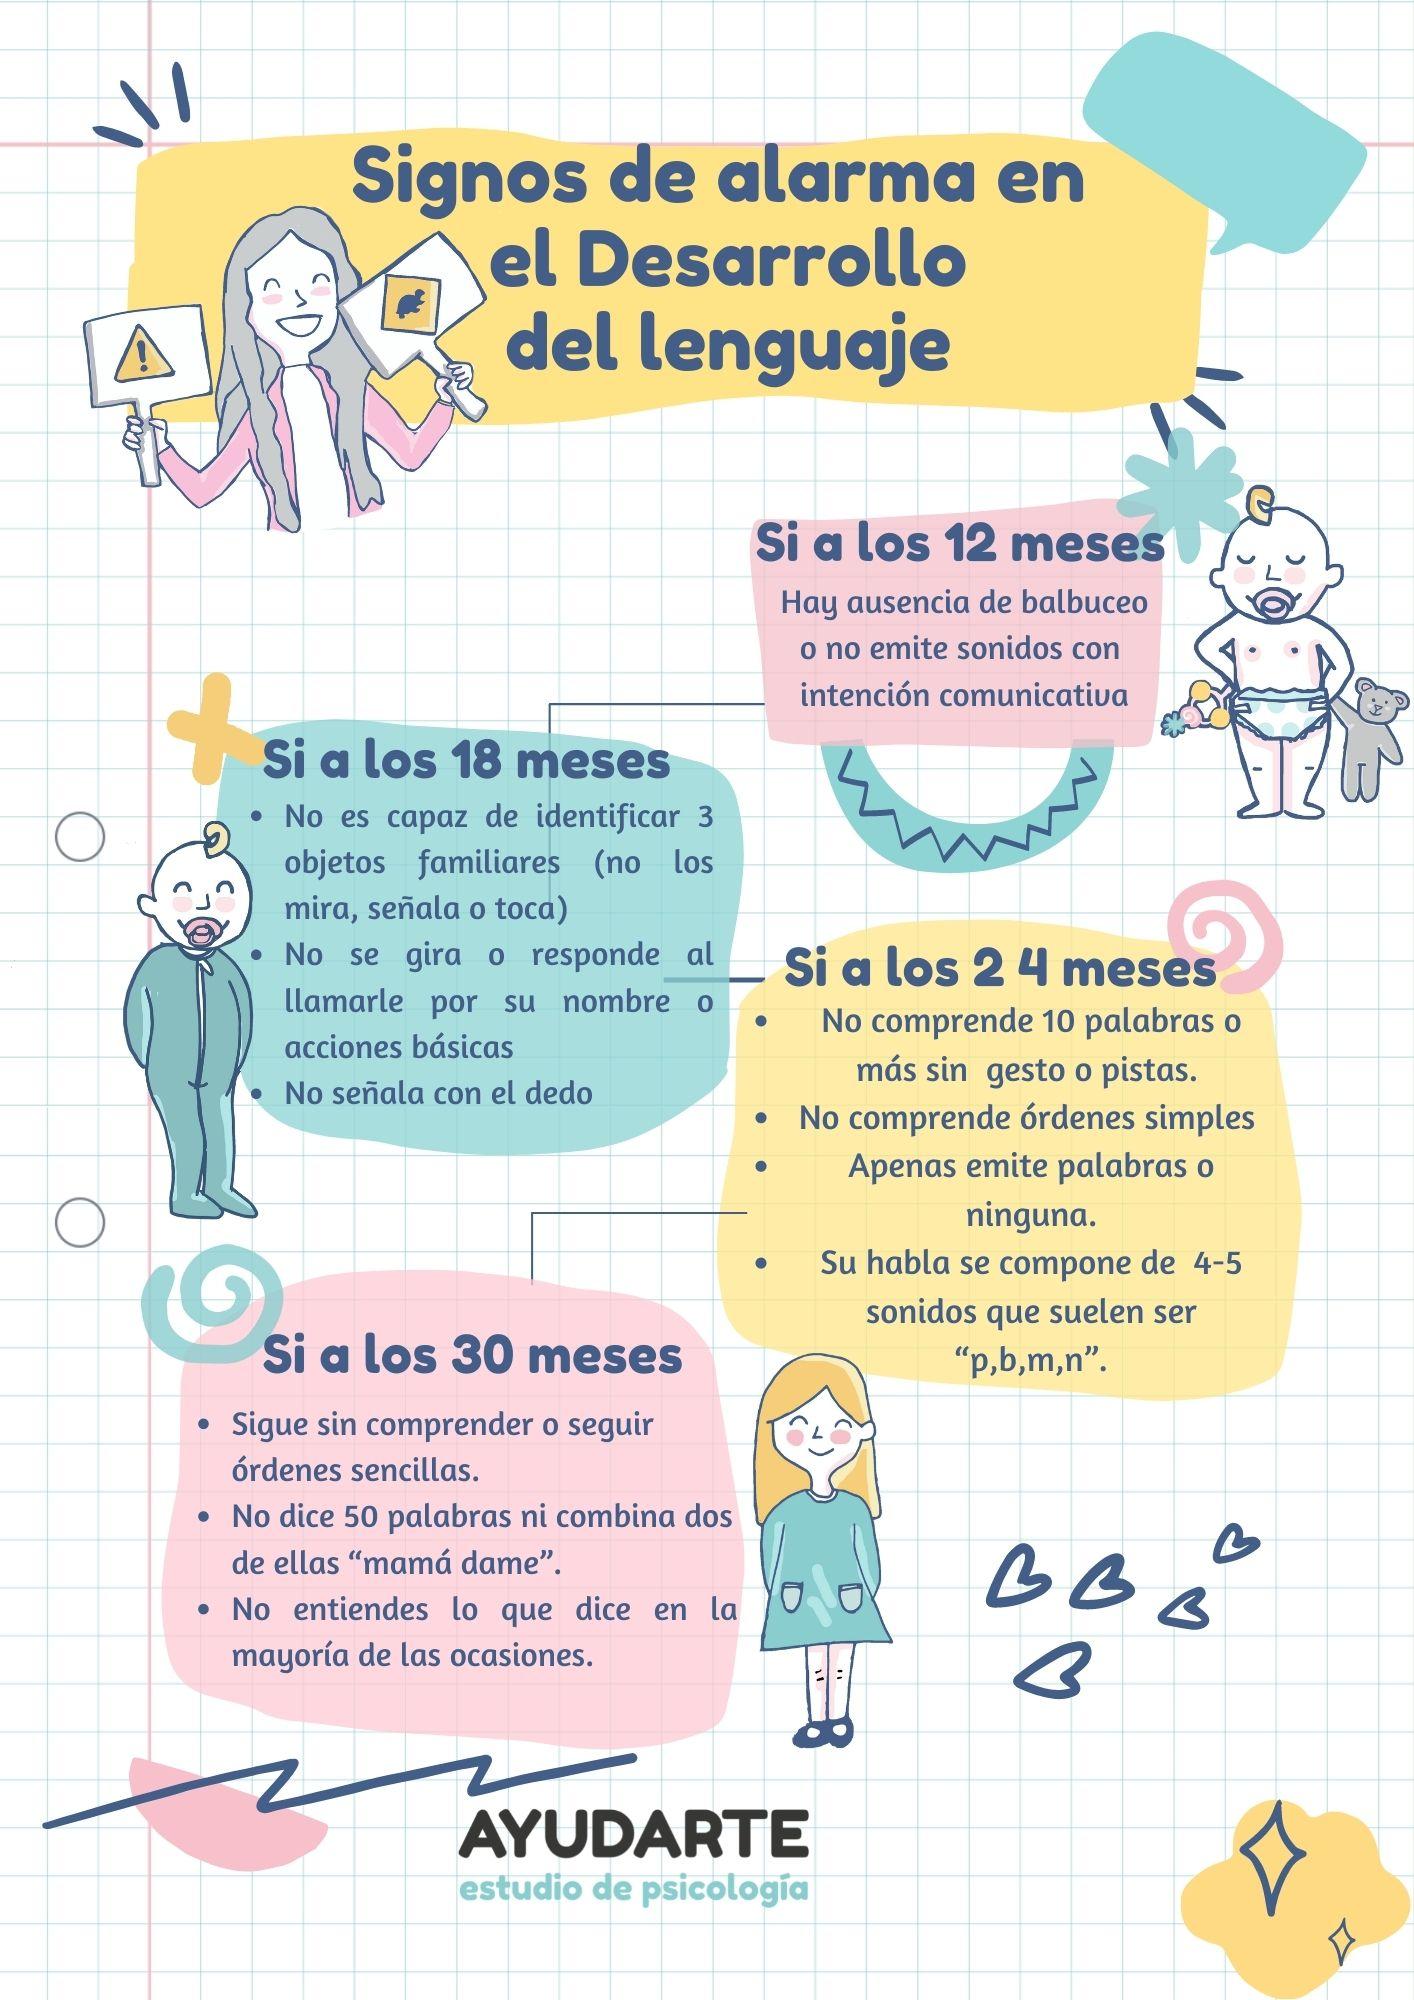 trastorno y retraso en el desarrollo del lenguaje